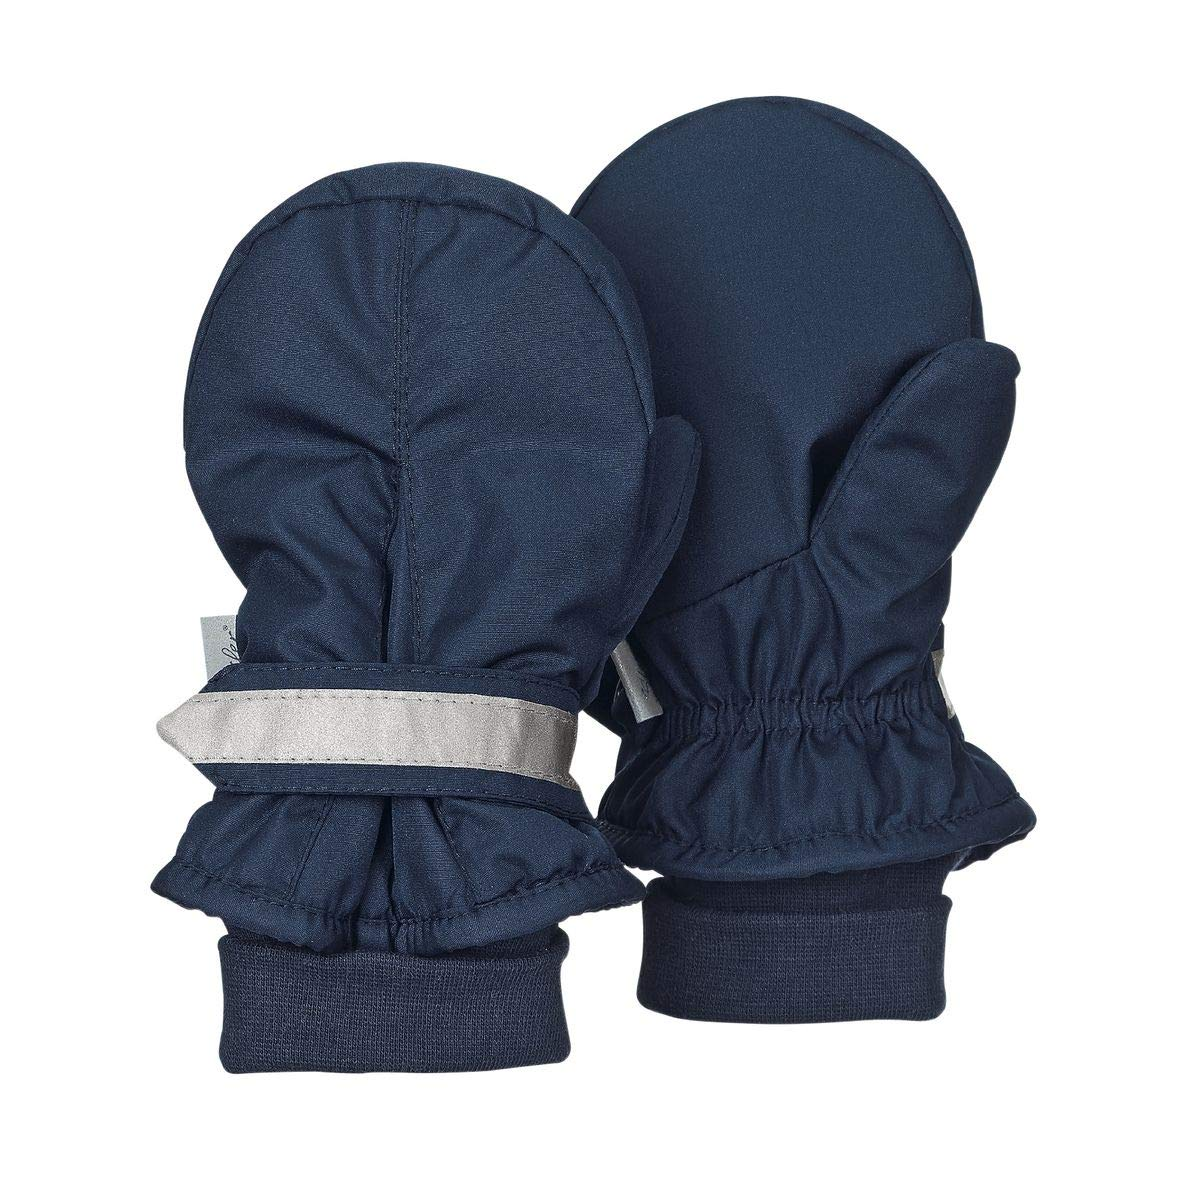 Sterntaler Baby Jungen Fausthandschuhe, Fäustlinge, Handschuhe in Fb.300 marine Fäustlinge